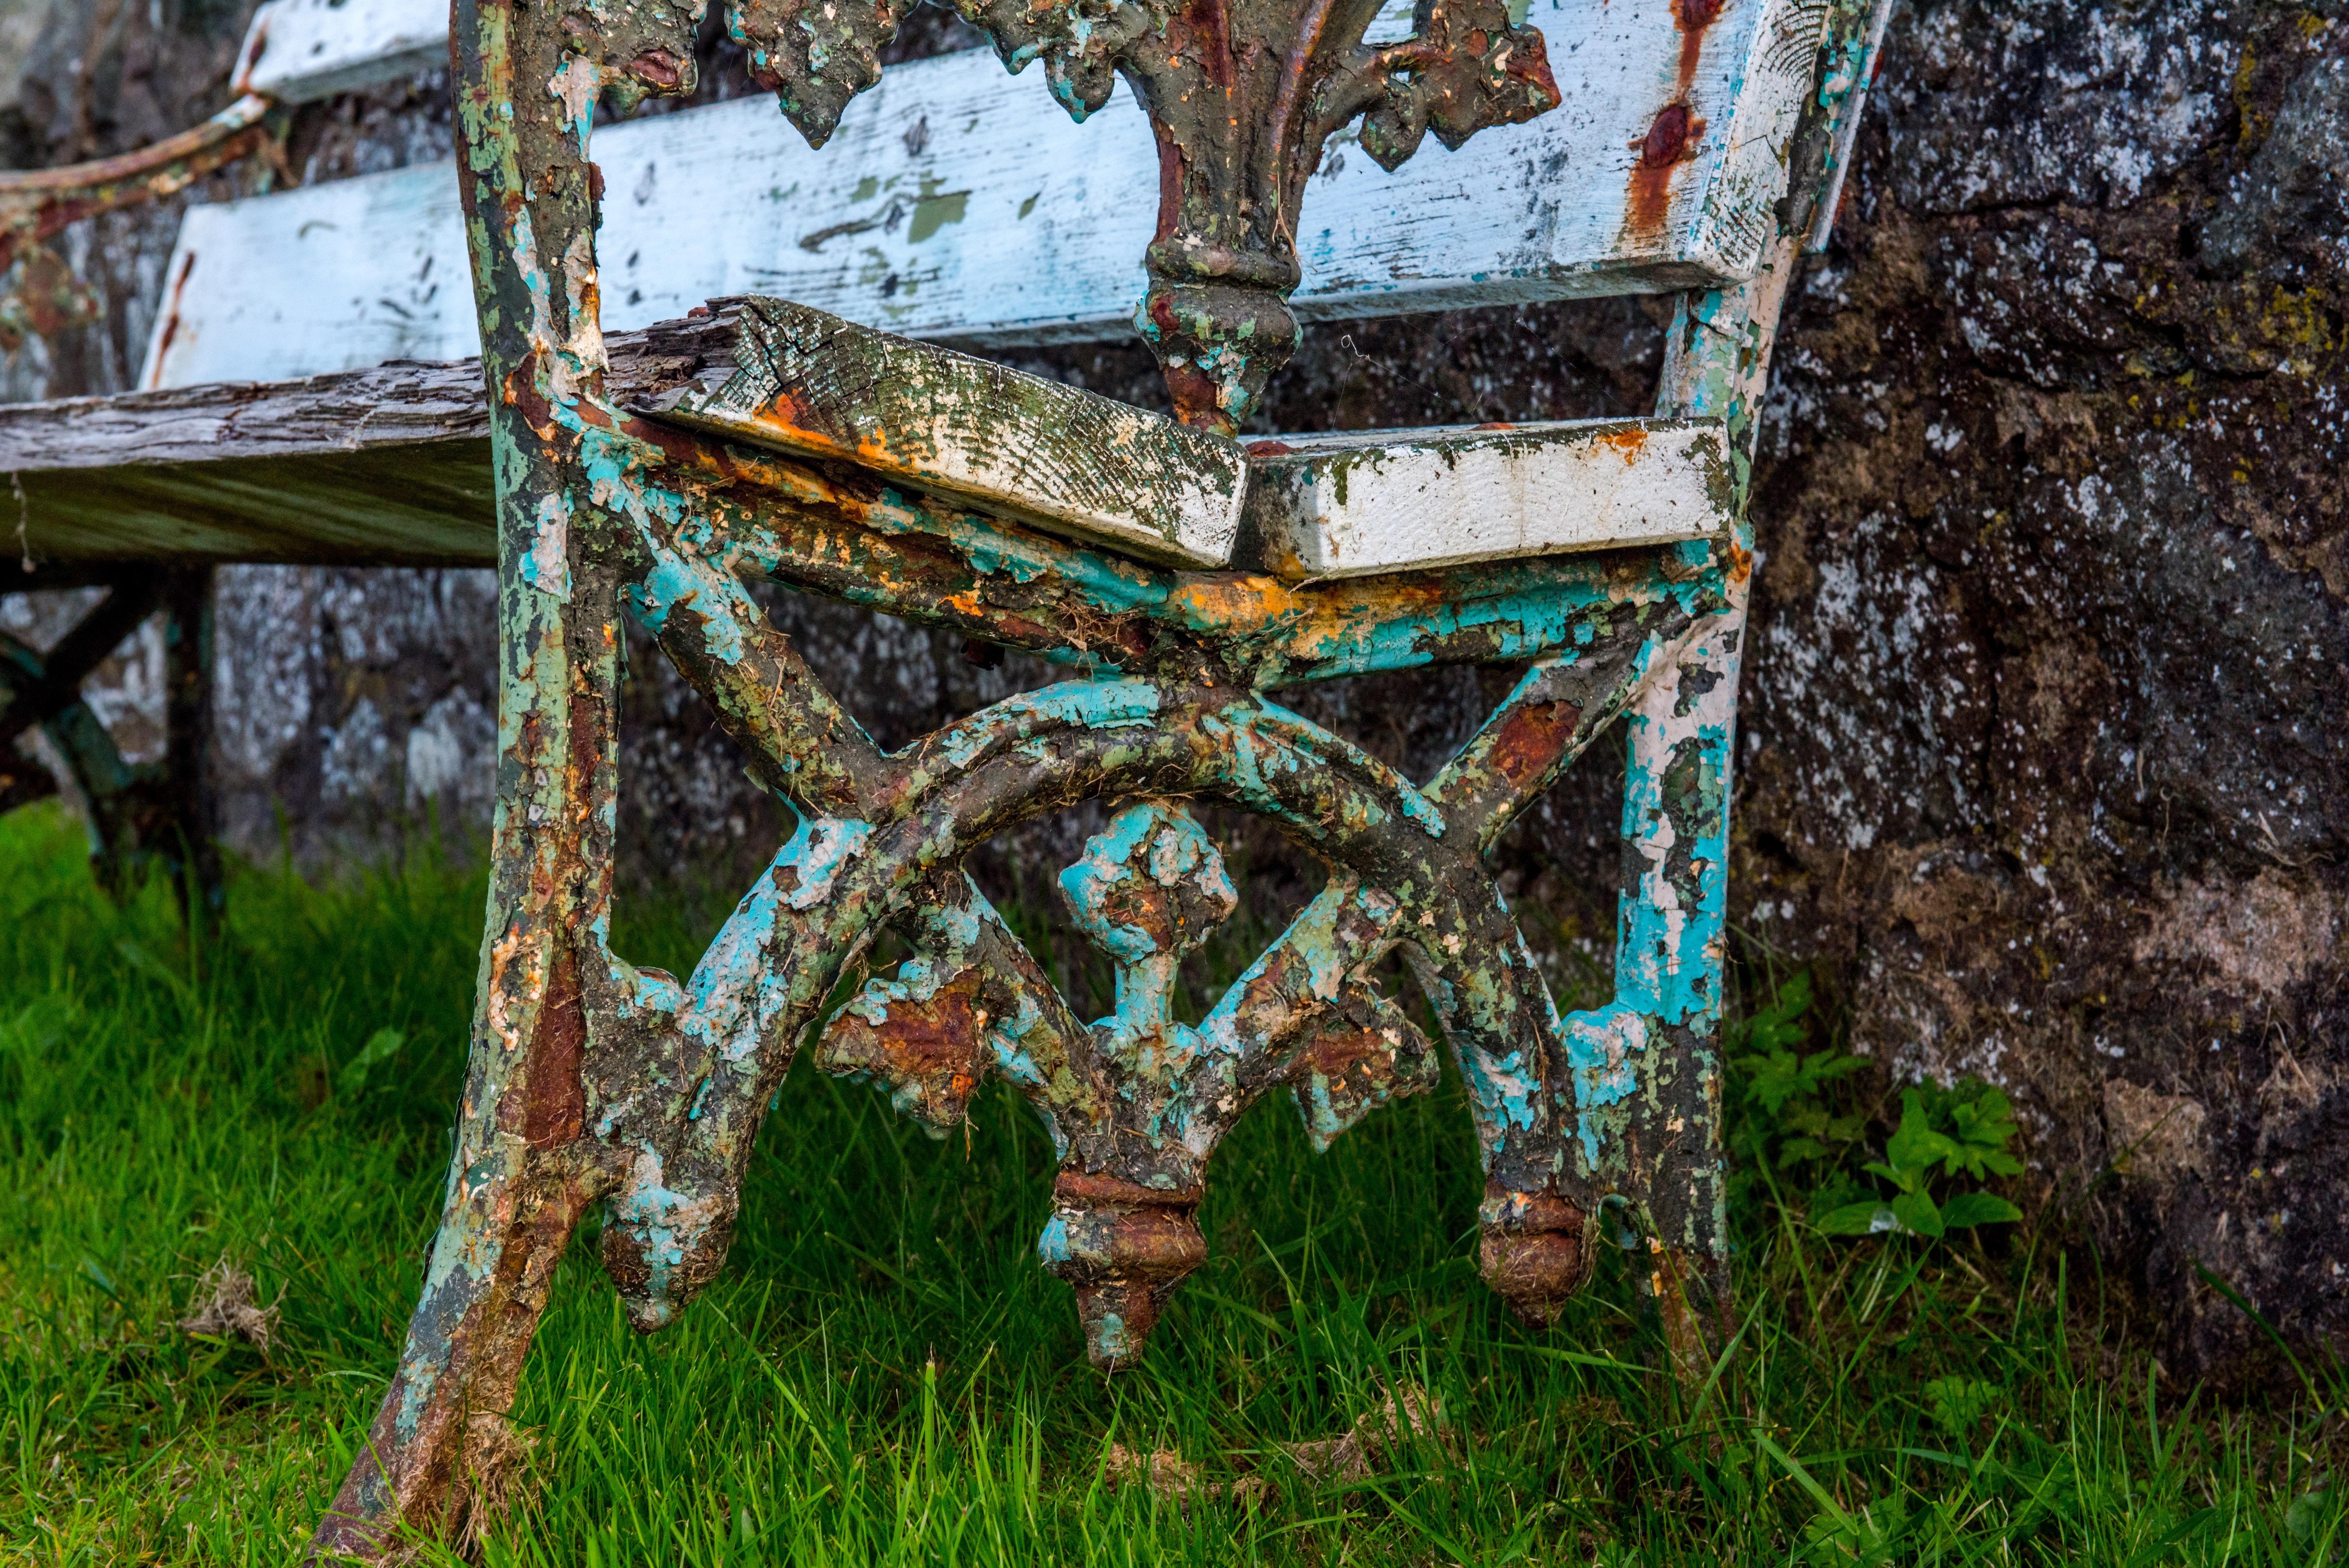 Fotos gratis : césped, madera, blanco, silla, antiguo, pared, piedra ...